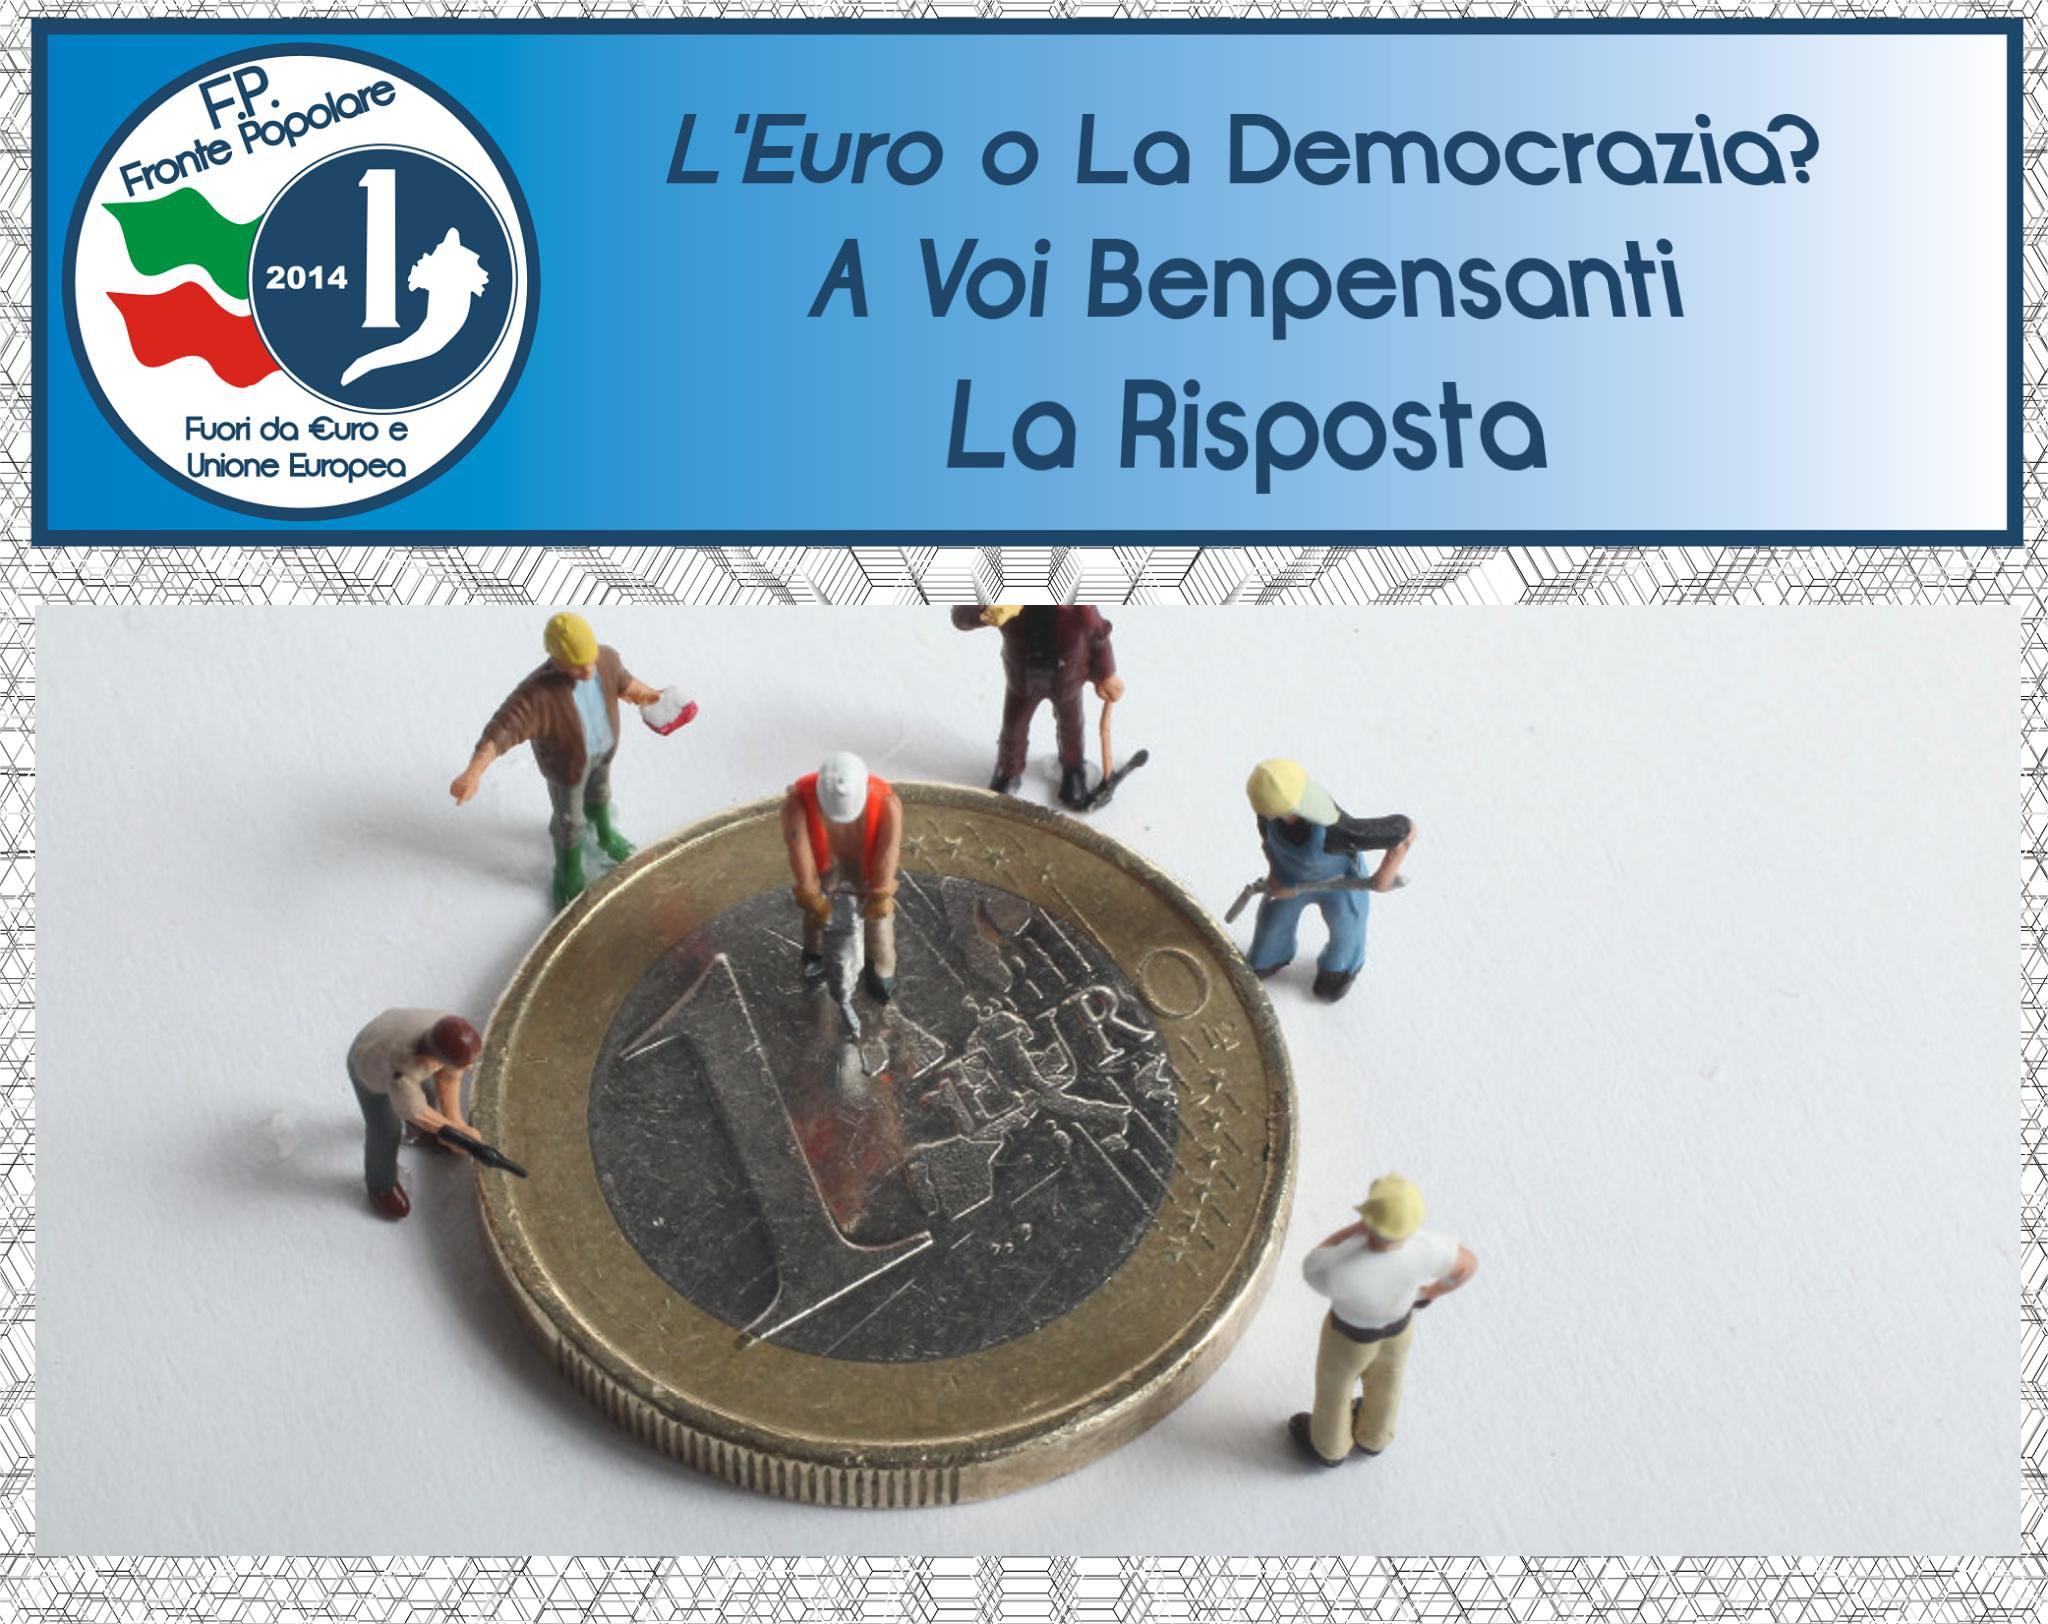 euro o democrazia_fronte Popolare